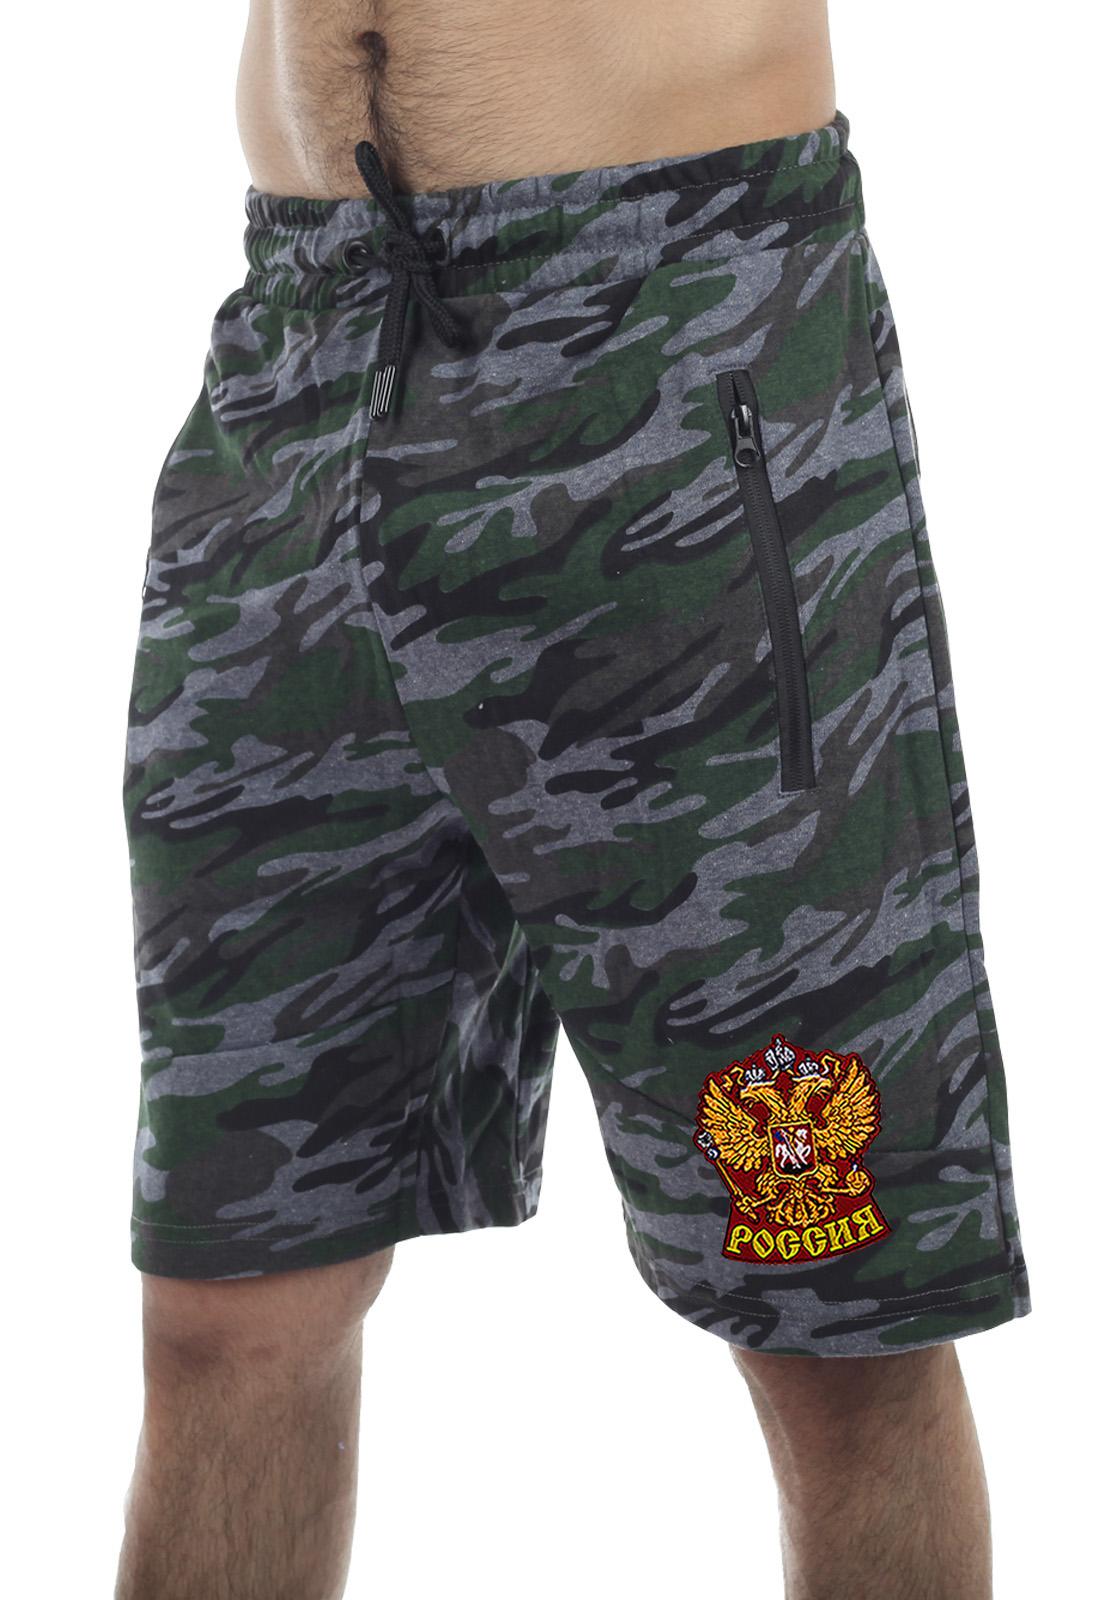 Купить удобные шорты удлиненного фасона с нашивкой Россия с доставкой в любой город